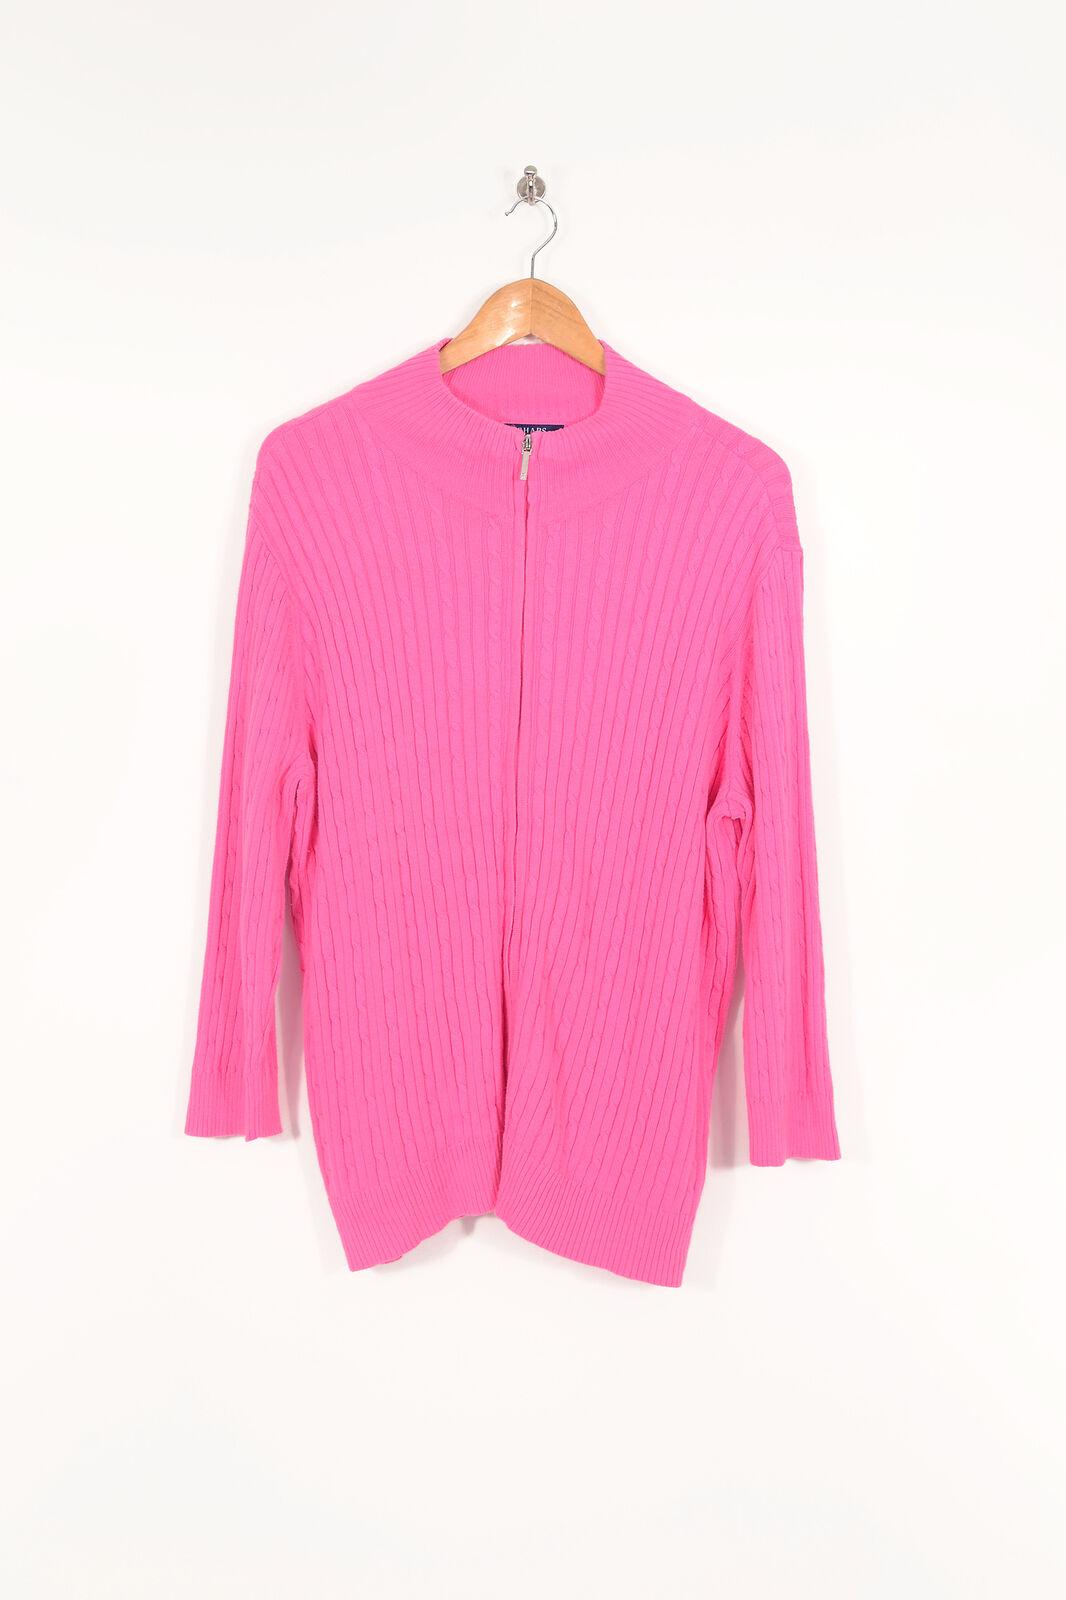 Vintage Women's RALPH LAUREN Chaps Cable Knit Cardigan Hot Pink (XXL)